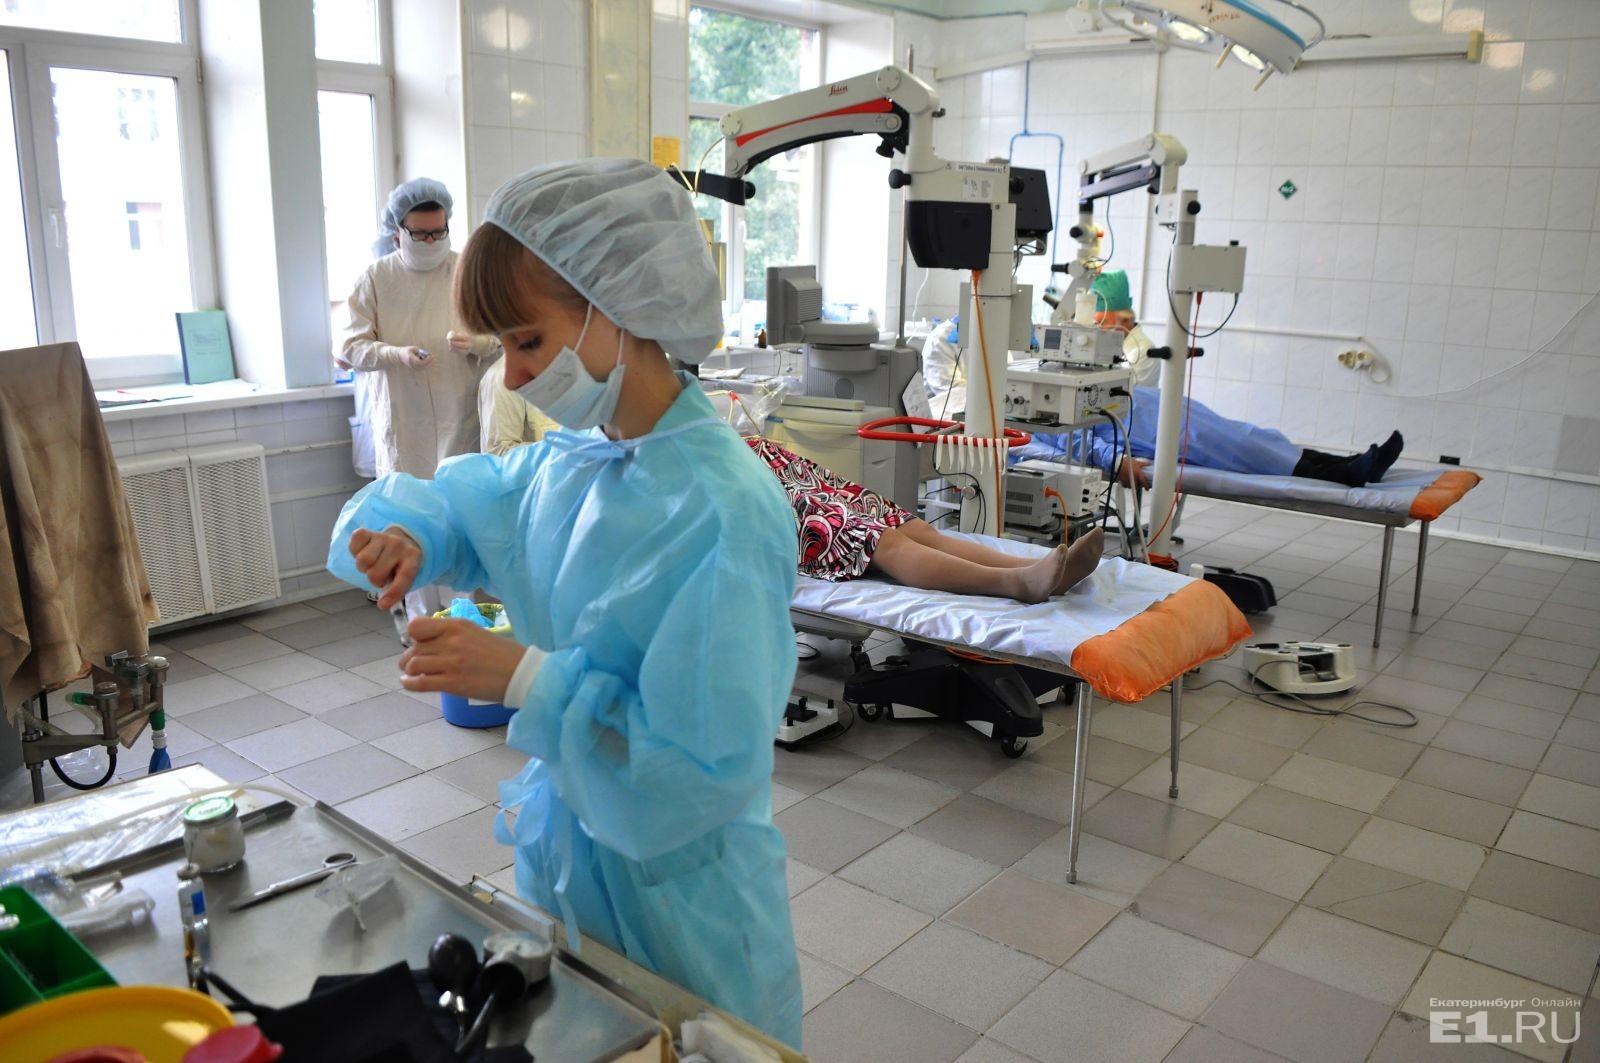 В Екатеринбурге заявили о создании чудо-аппарата, предсказывающего смерть